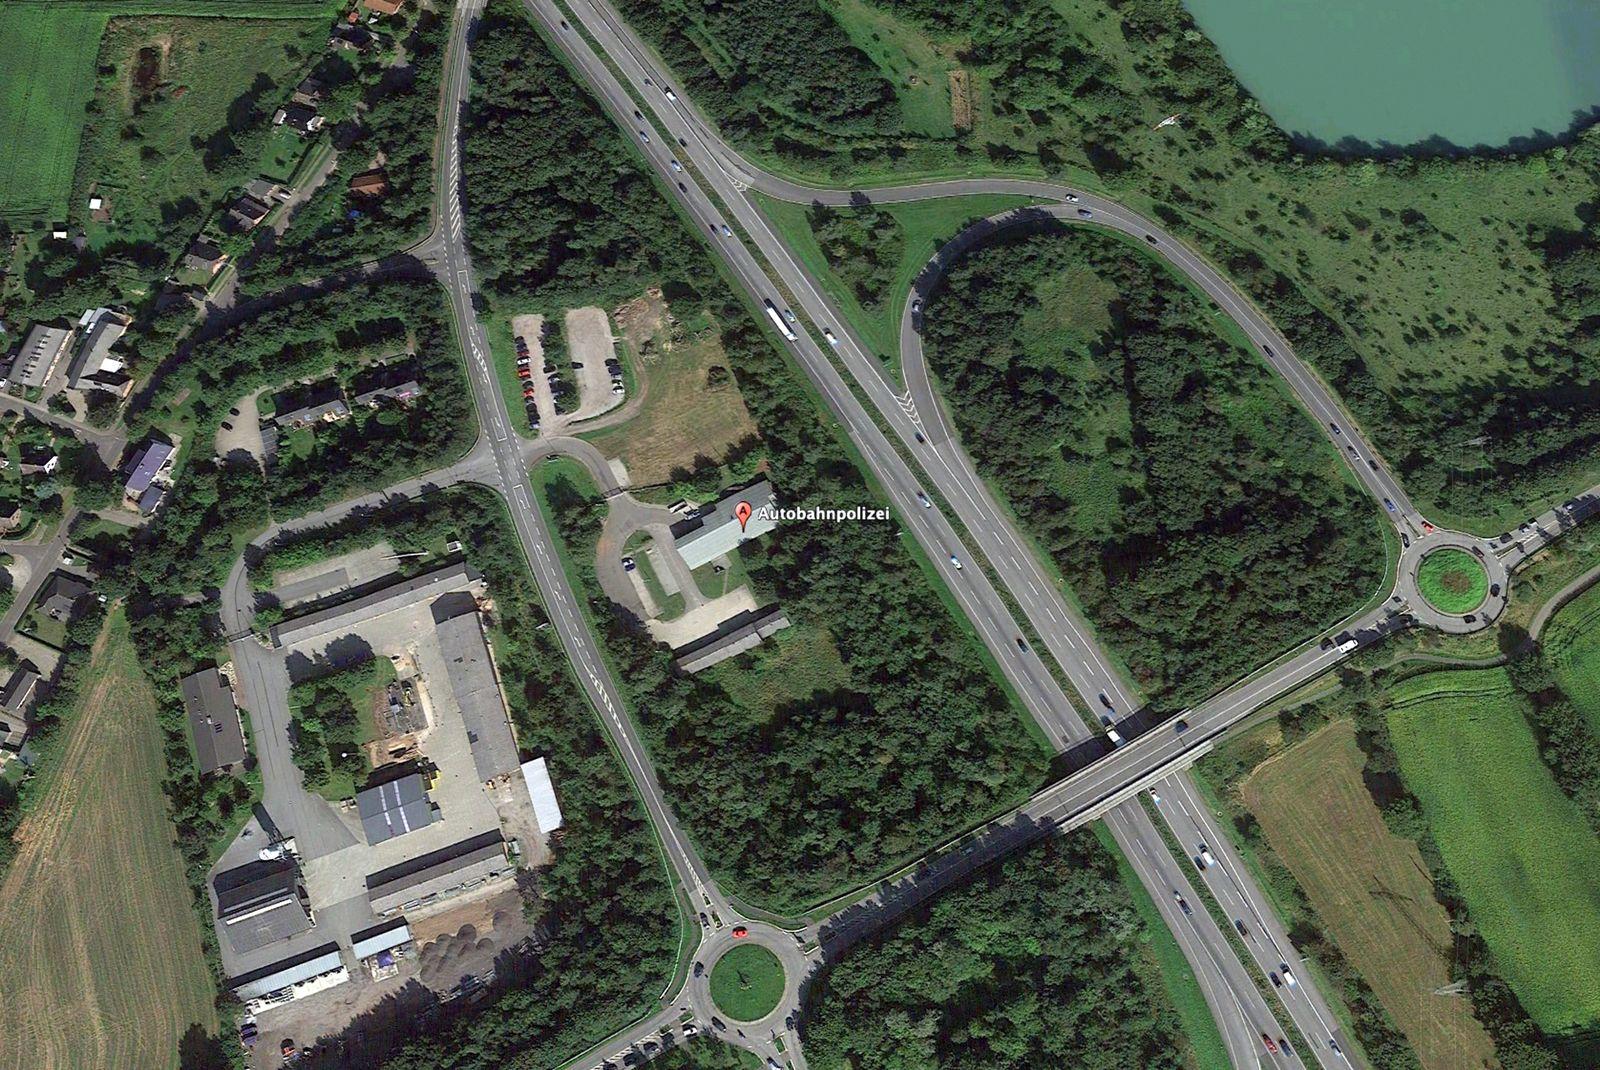 EINMALIGE VERWENDUNG Puigdemont/ Verhaftung/ Autobahnpolizei Schuby